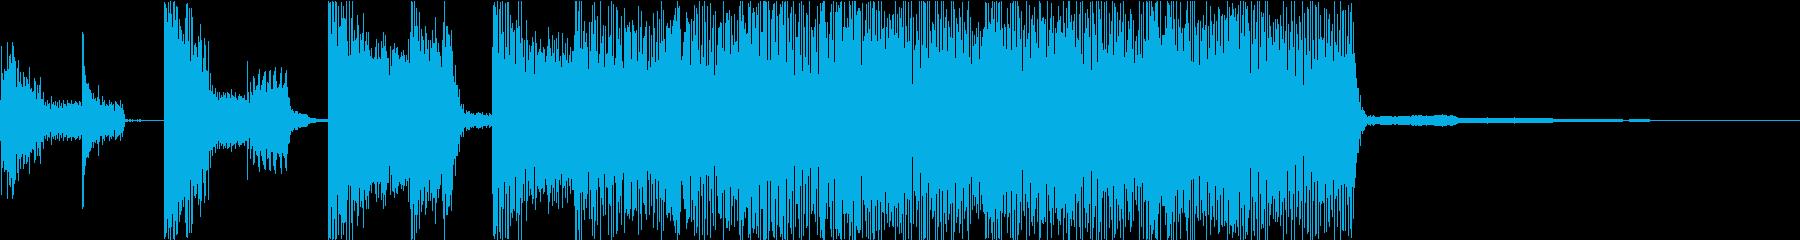 コミカルなテクノポップジングルの再生済みの波形